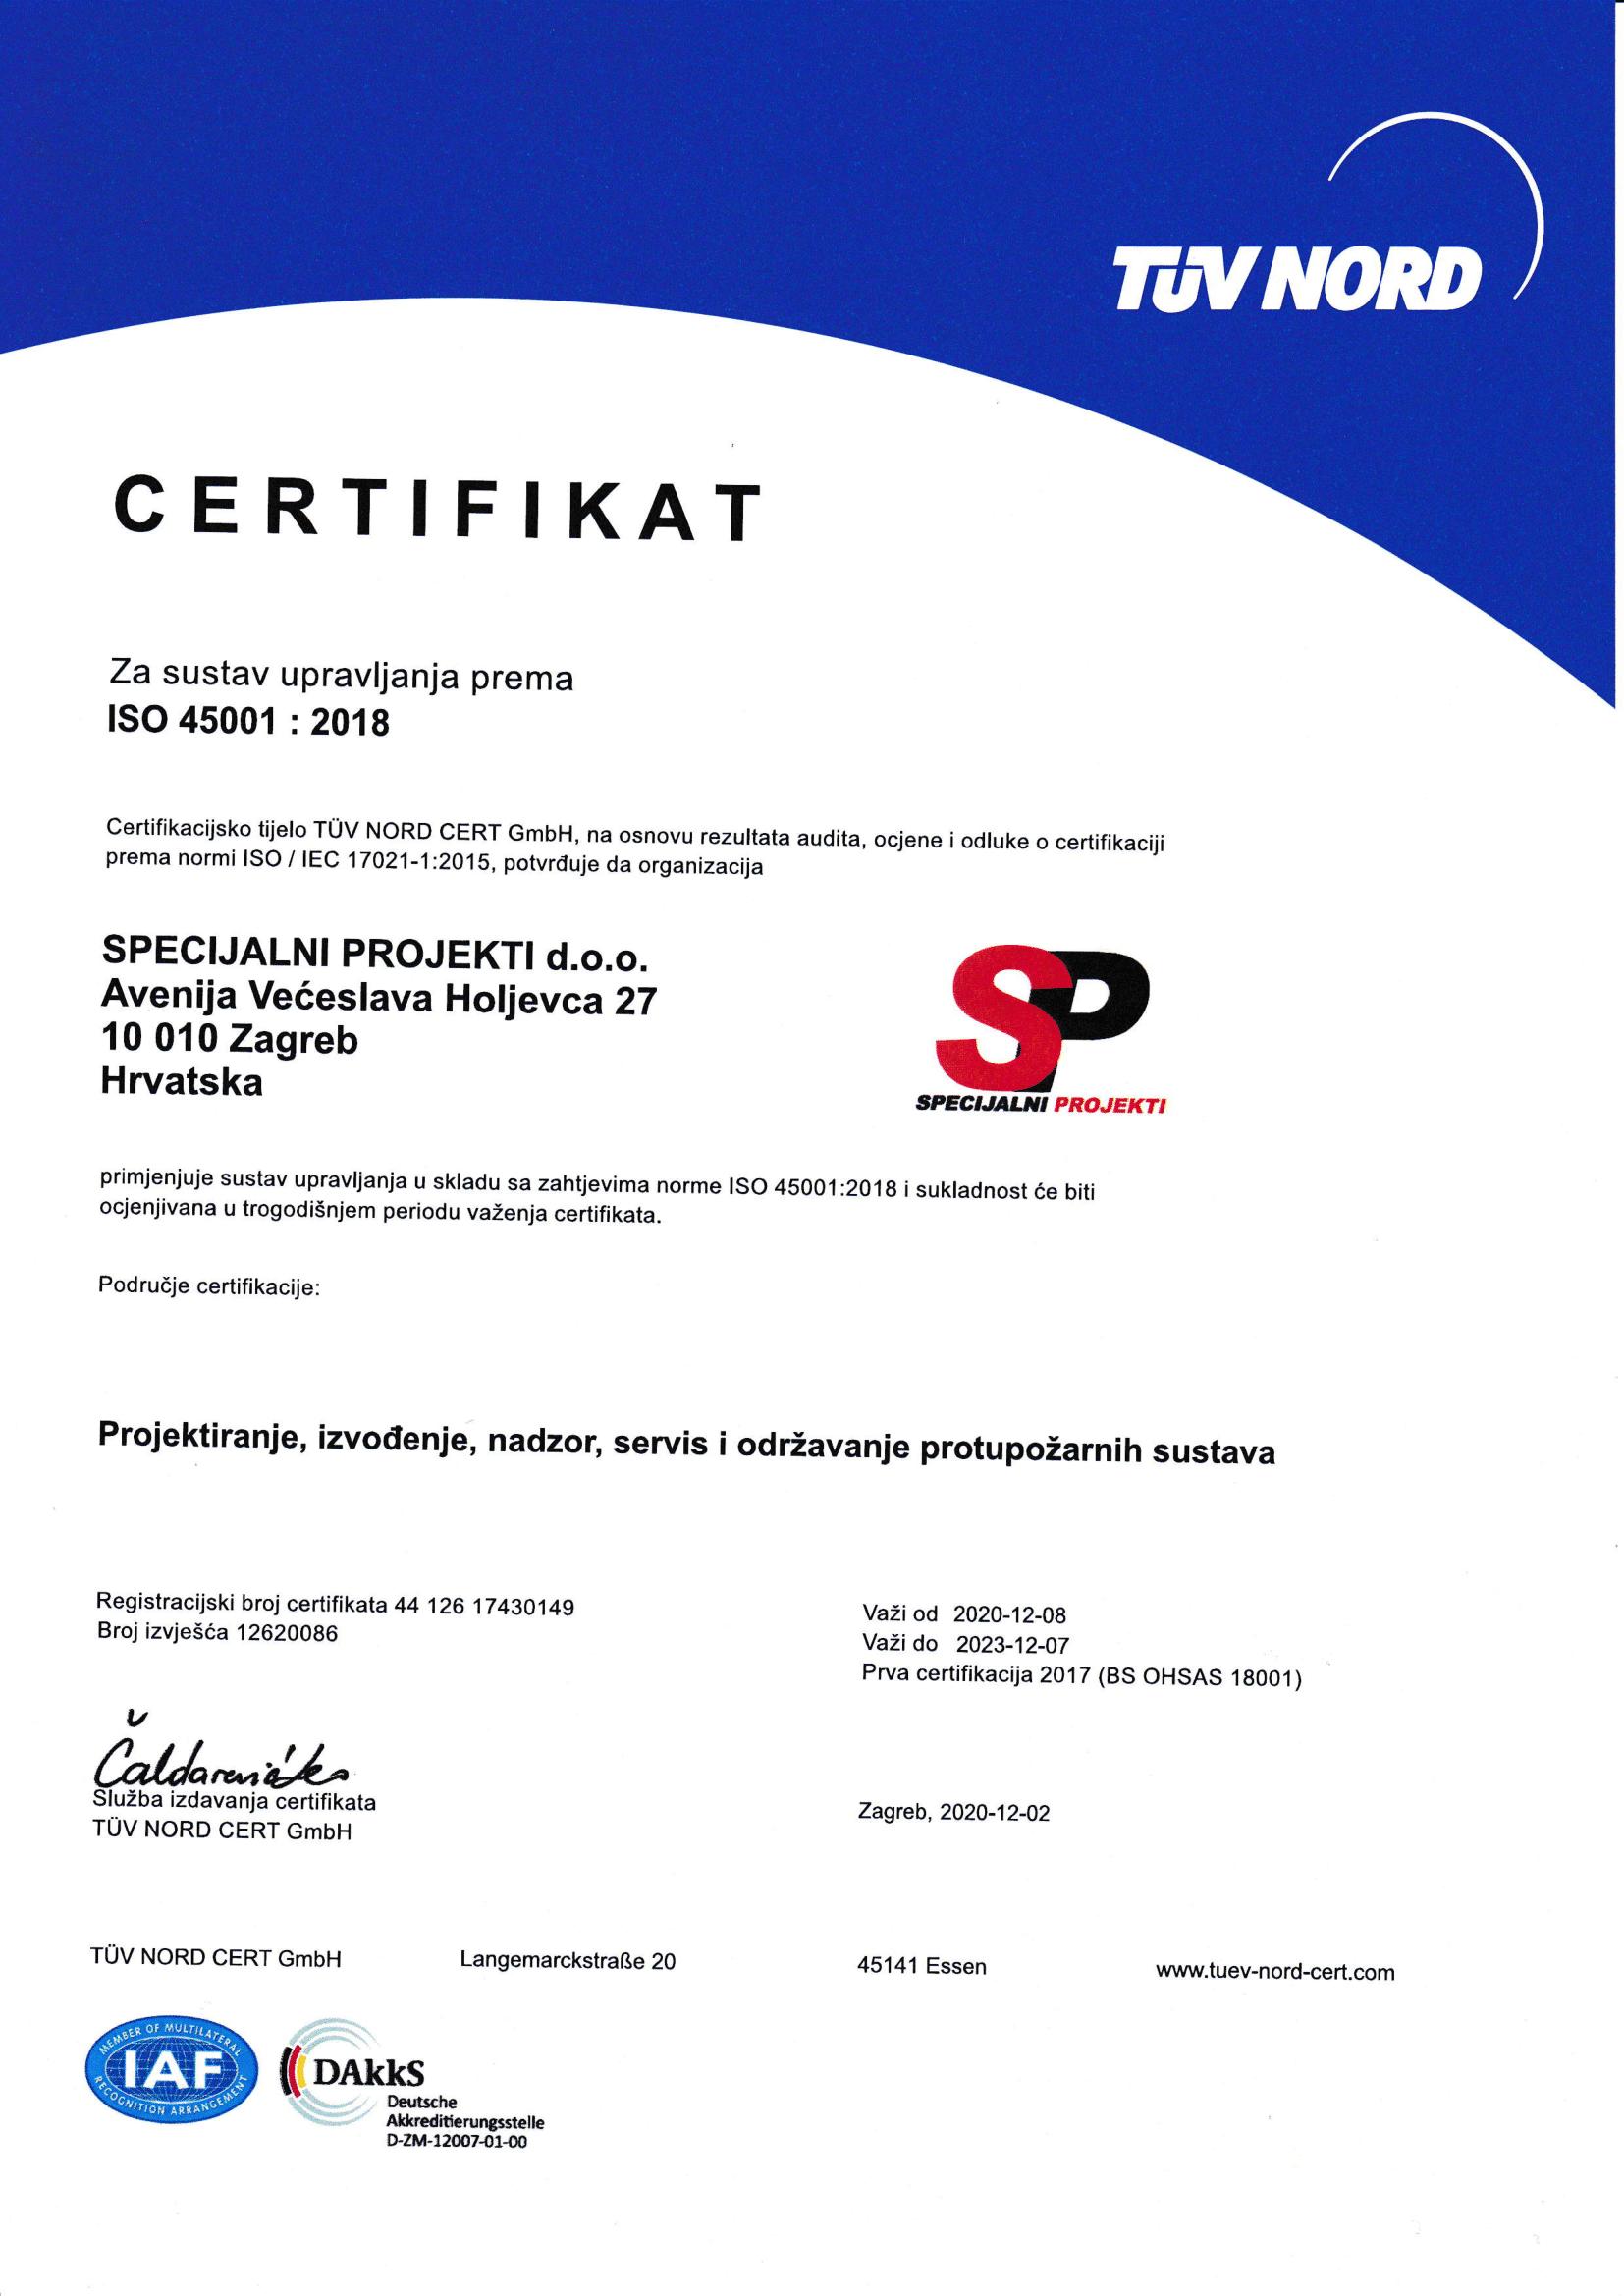 2020 TUV CROATIA certifikat ISO 45001 hrv-1